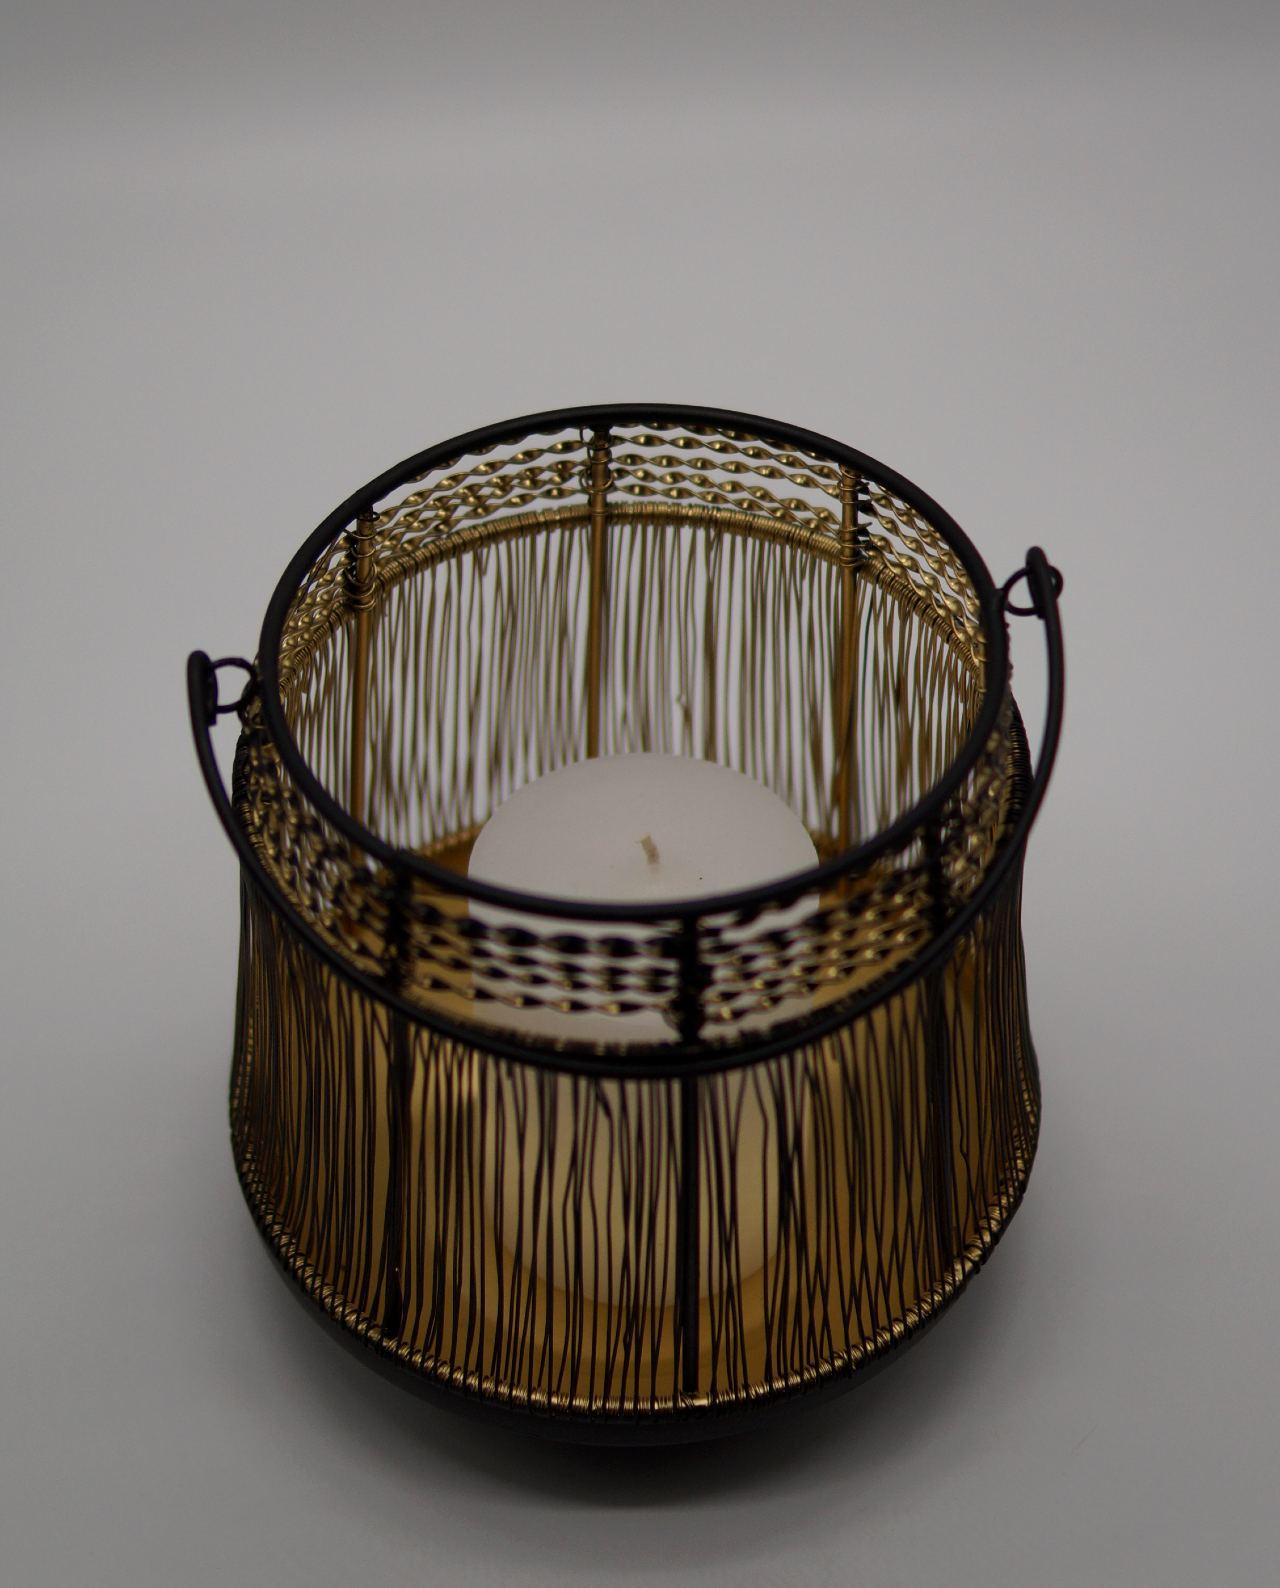 Φανάρι πλεκτό μεταλλικό μάυρο χρυσό